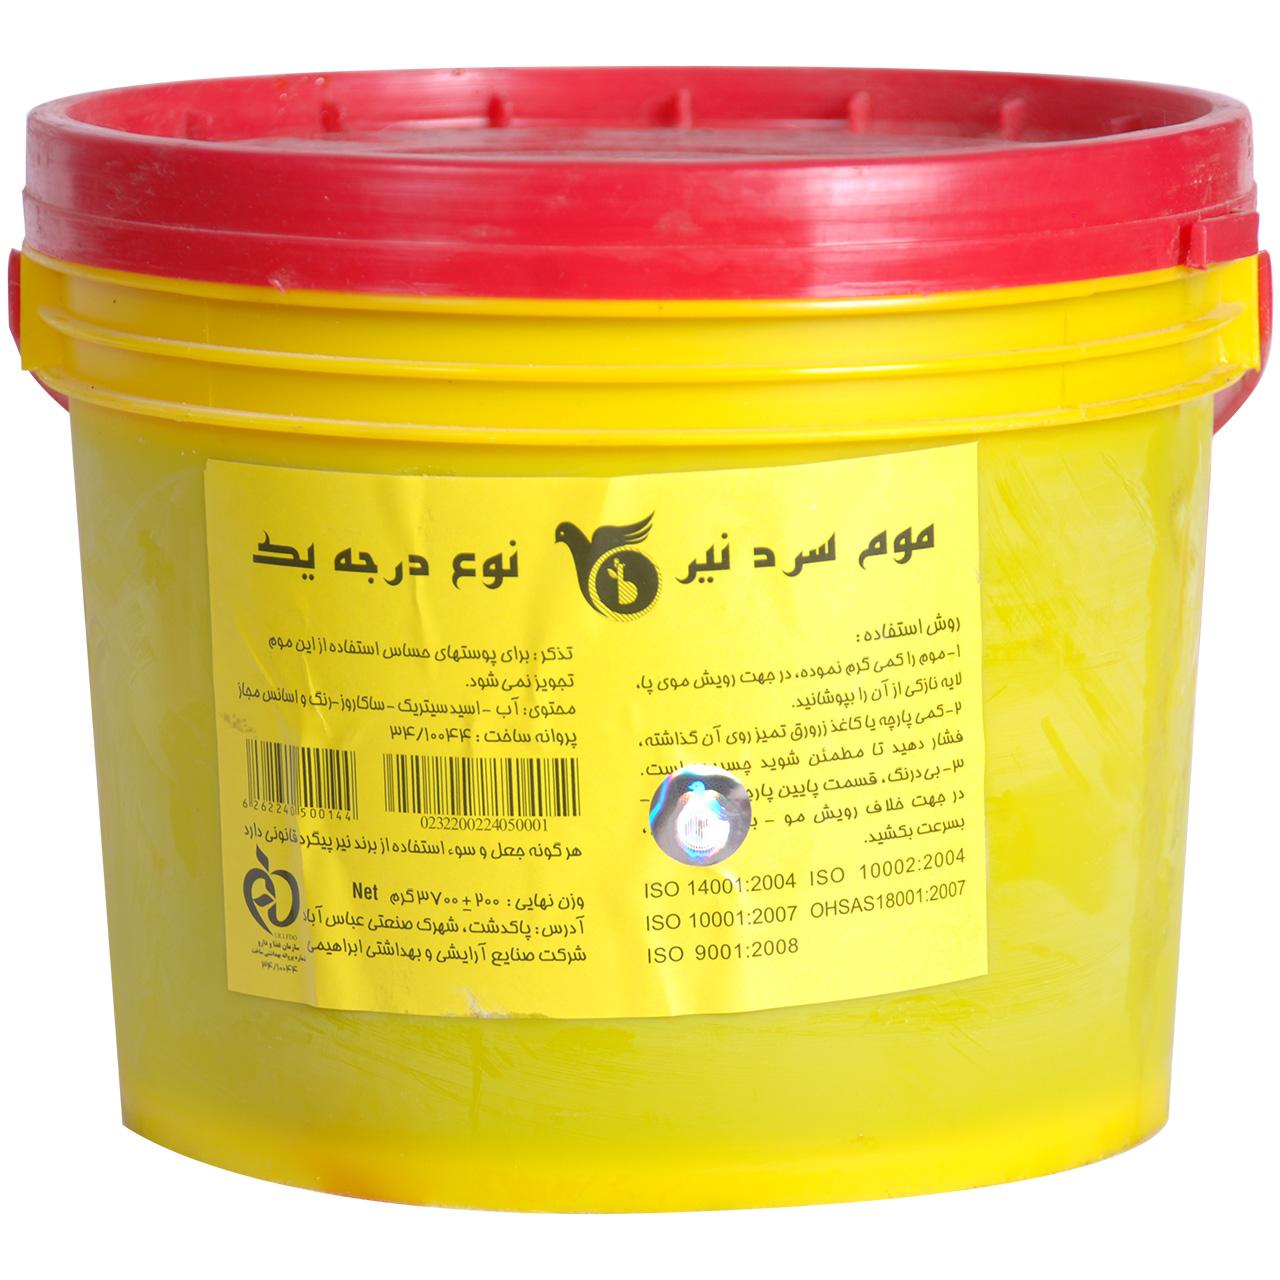 موم سرد نیر مدل Honey حجم 3700 گرم